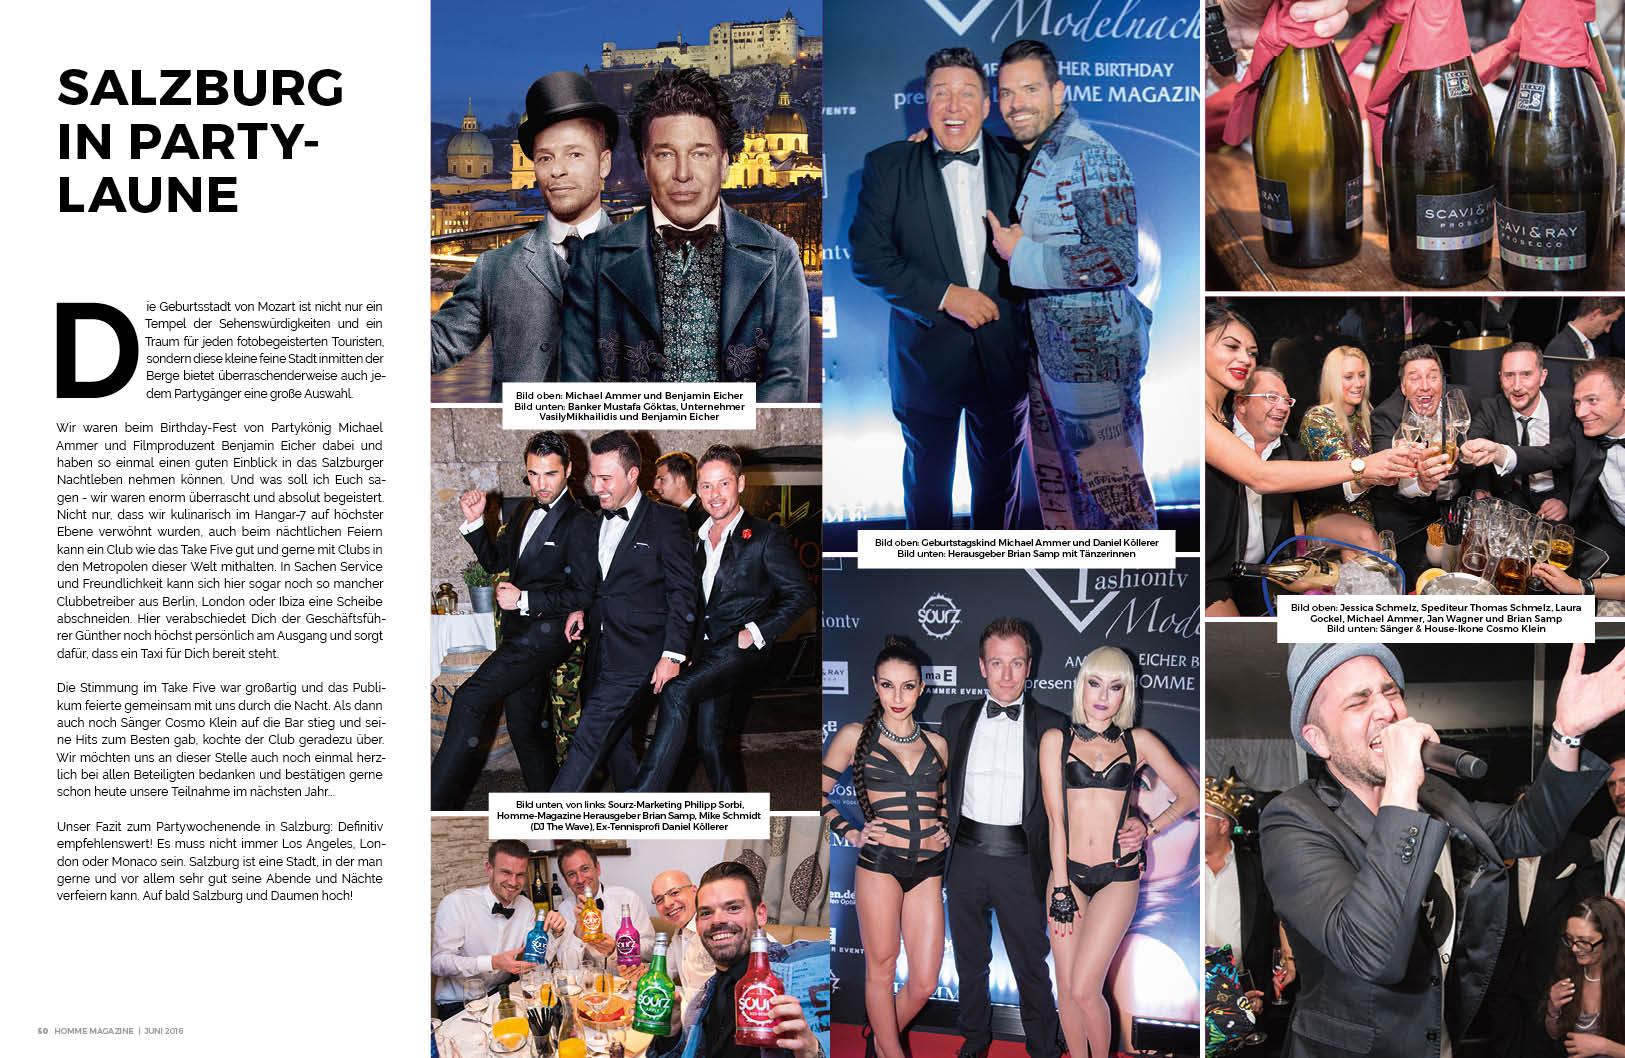 1 HOMME Magazine - JUNI 2016 - Nachbericht Modelnacht Salzburg - 2